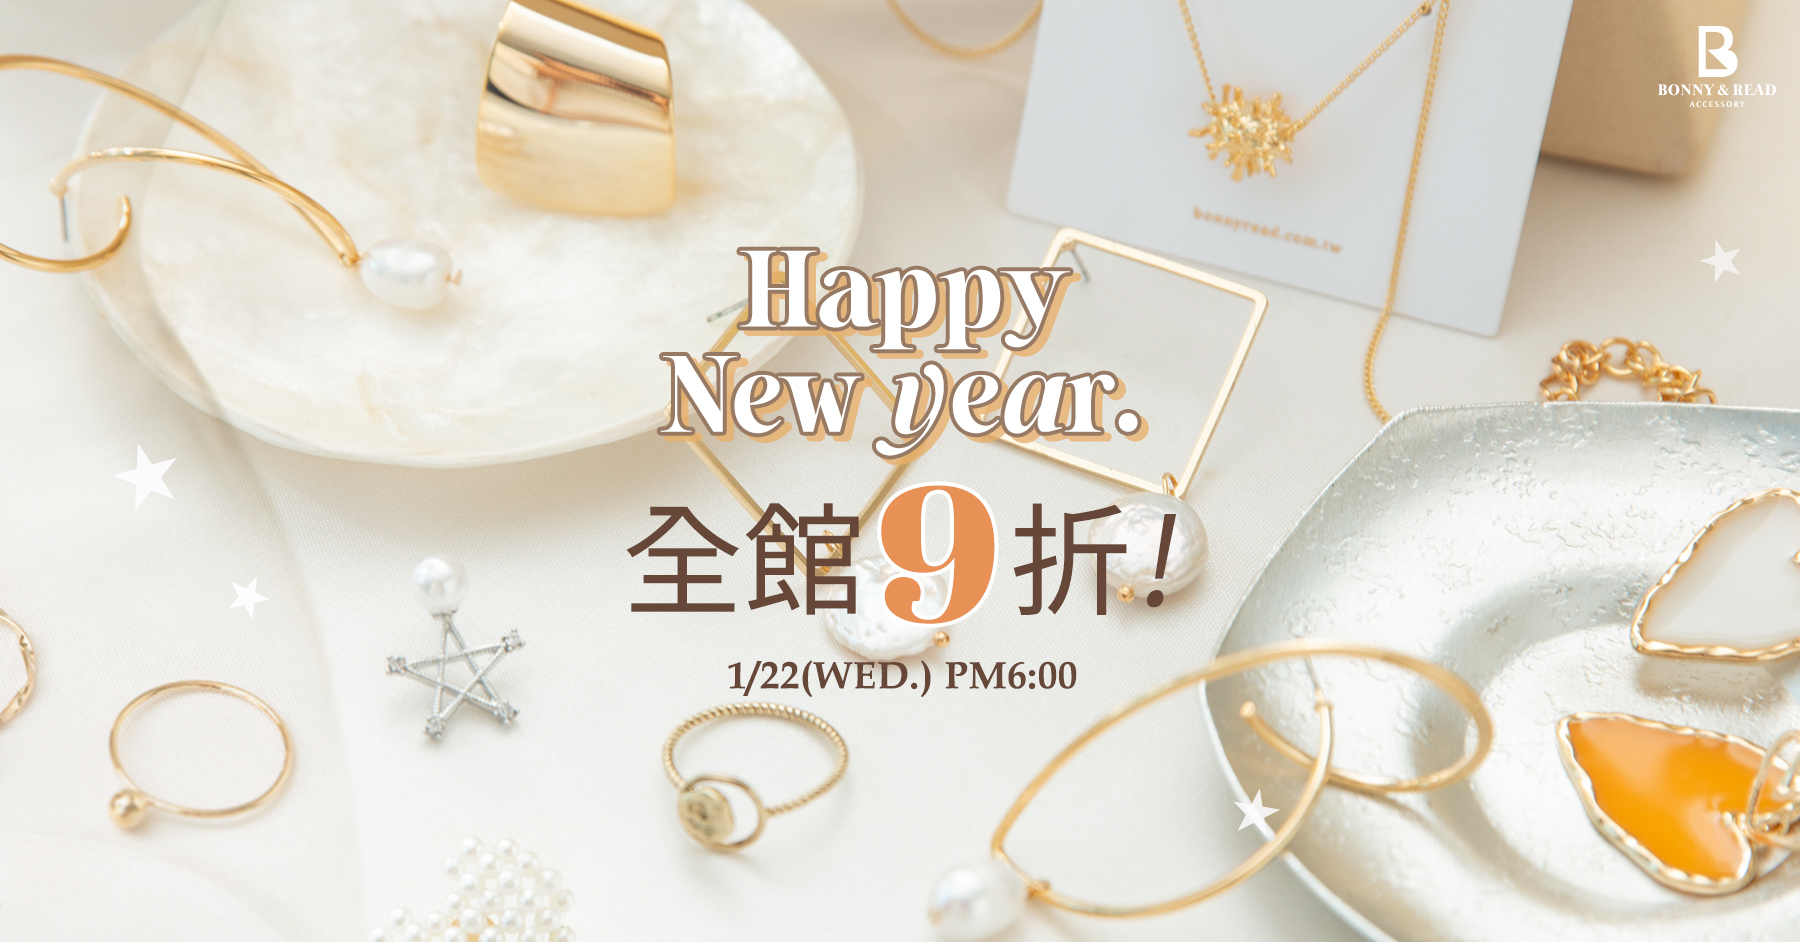 新年全館9折!